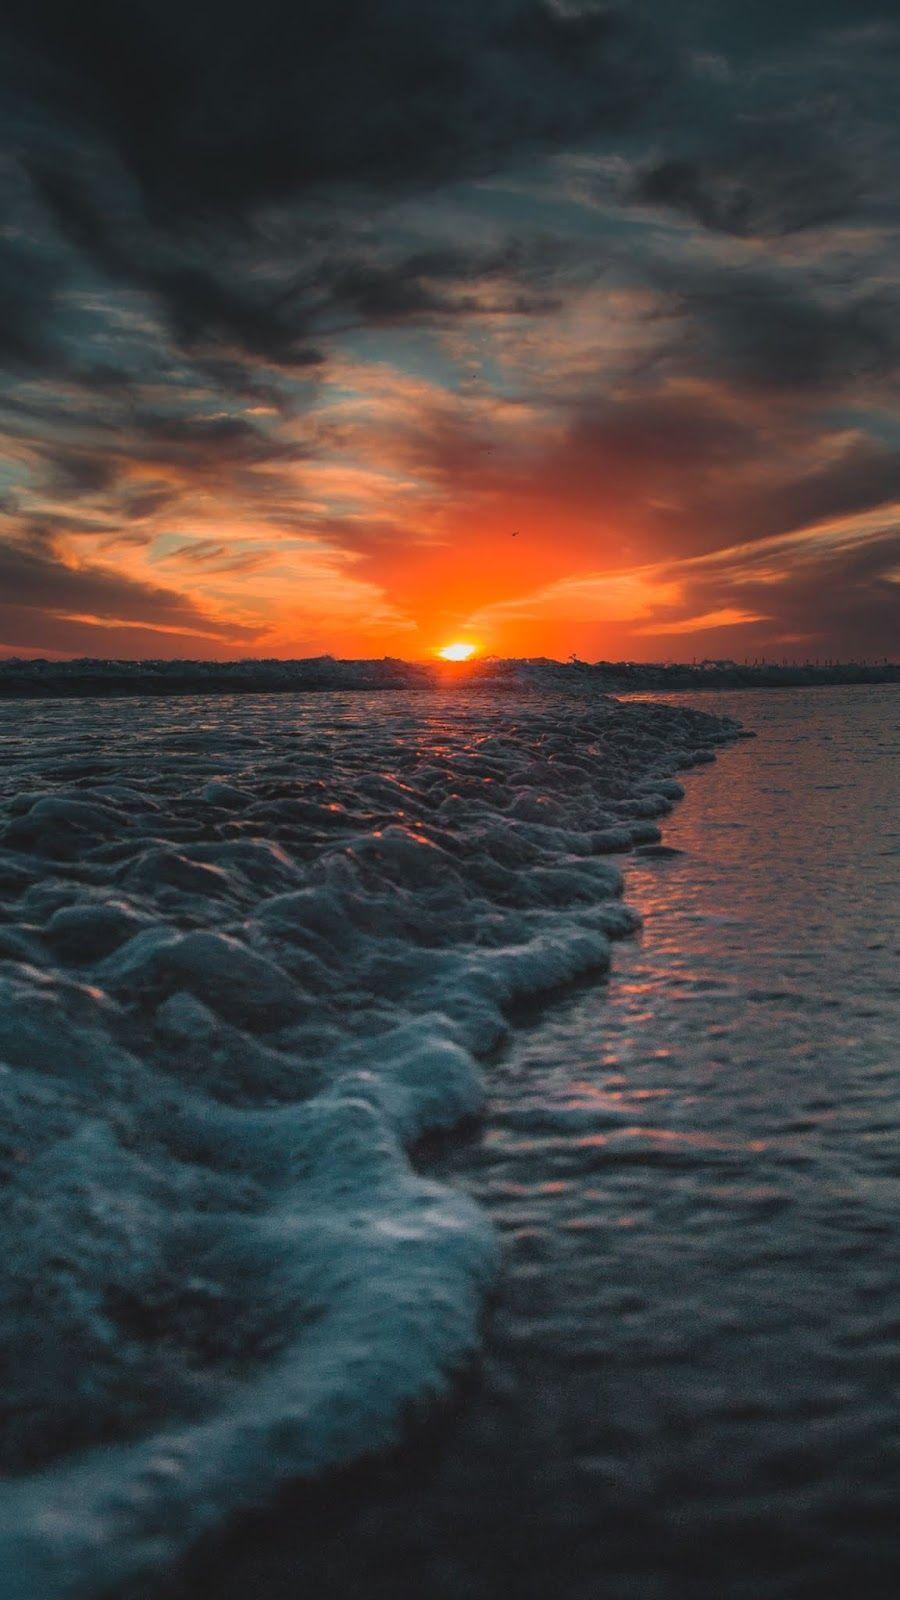 Aesthetic Sunset In 2020 Sunset Wallpaper Beach Sunset